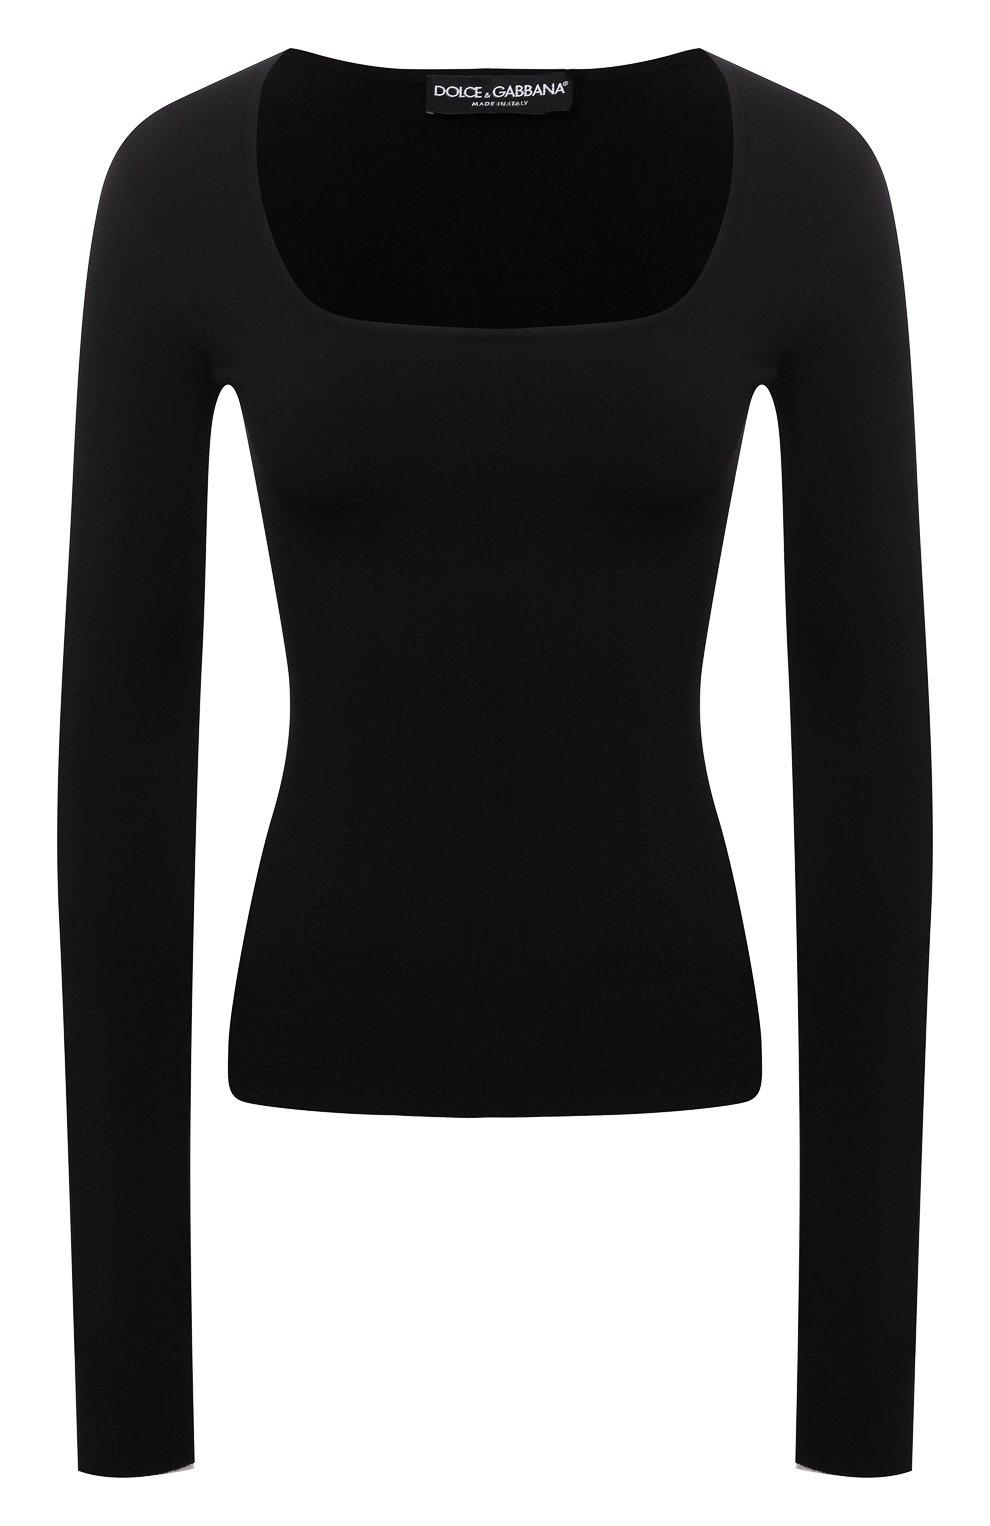 Женский пуловер DOLCE & GABBANA черного цвета, арт. FXD44T/JBMR9 | Фото 1 (Рукава: Длинные; Длина (для топов): Стандартные; Материал внешний: Вискоза; Женское Кросс-КТ: Пуловер-одежда; Стили: Минимализм)